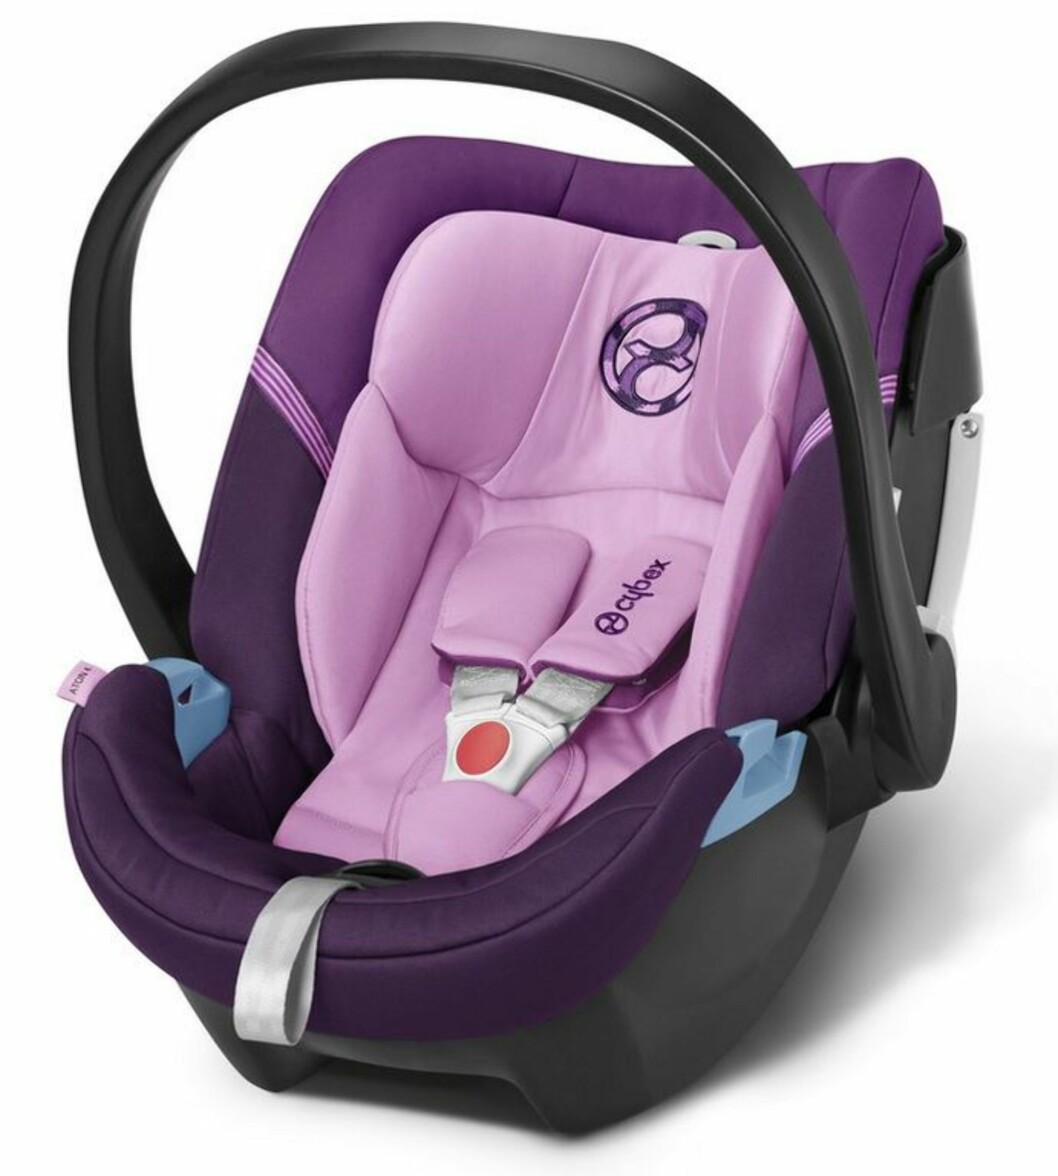 <strong>CYBEX:</strong> Aton 4 inneholder den ny lie-flat funktion, som sikrer barnet mest mulig liggeposisjon. Babybilstolen har en ekstra stor solskjerm og er enkel i bruk. Pris cirka kr 2199,- Foto: Produsenten